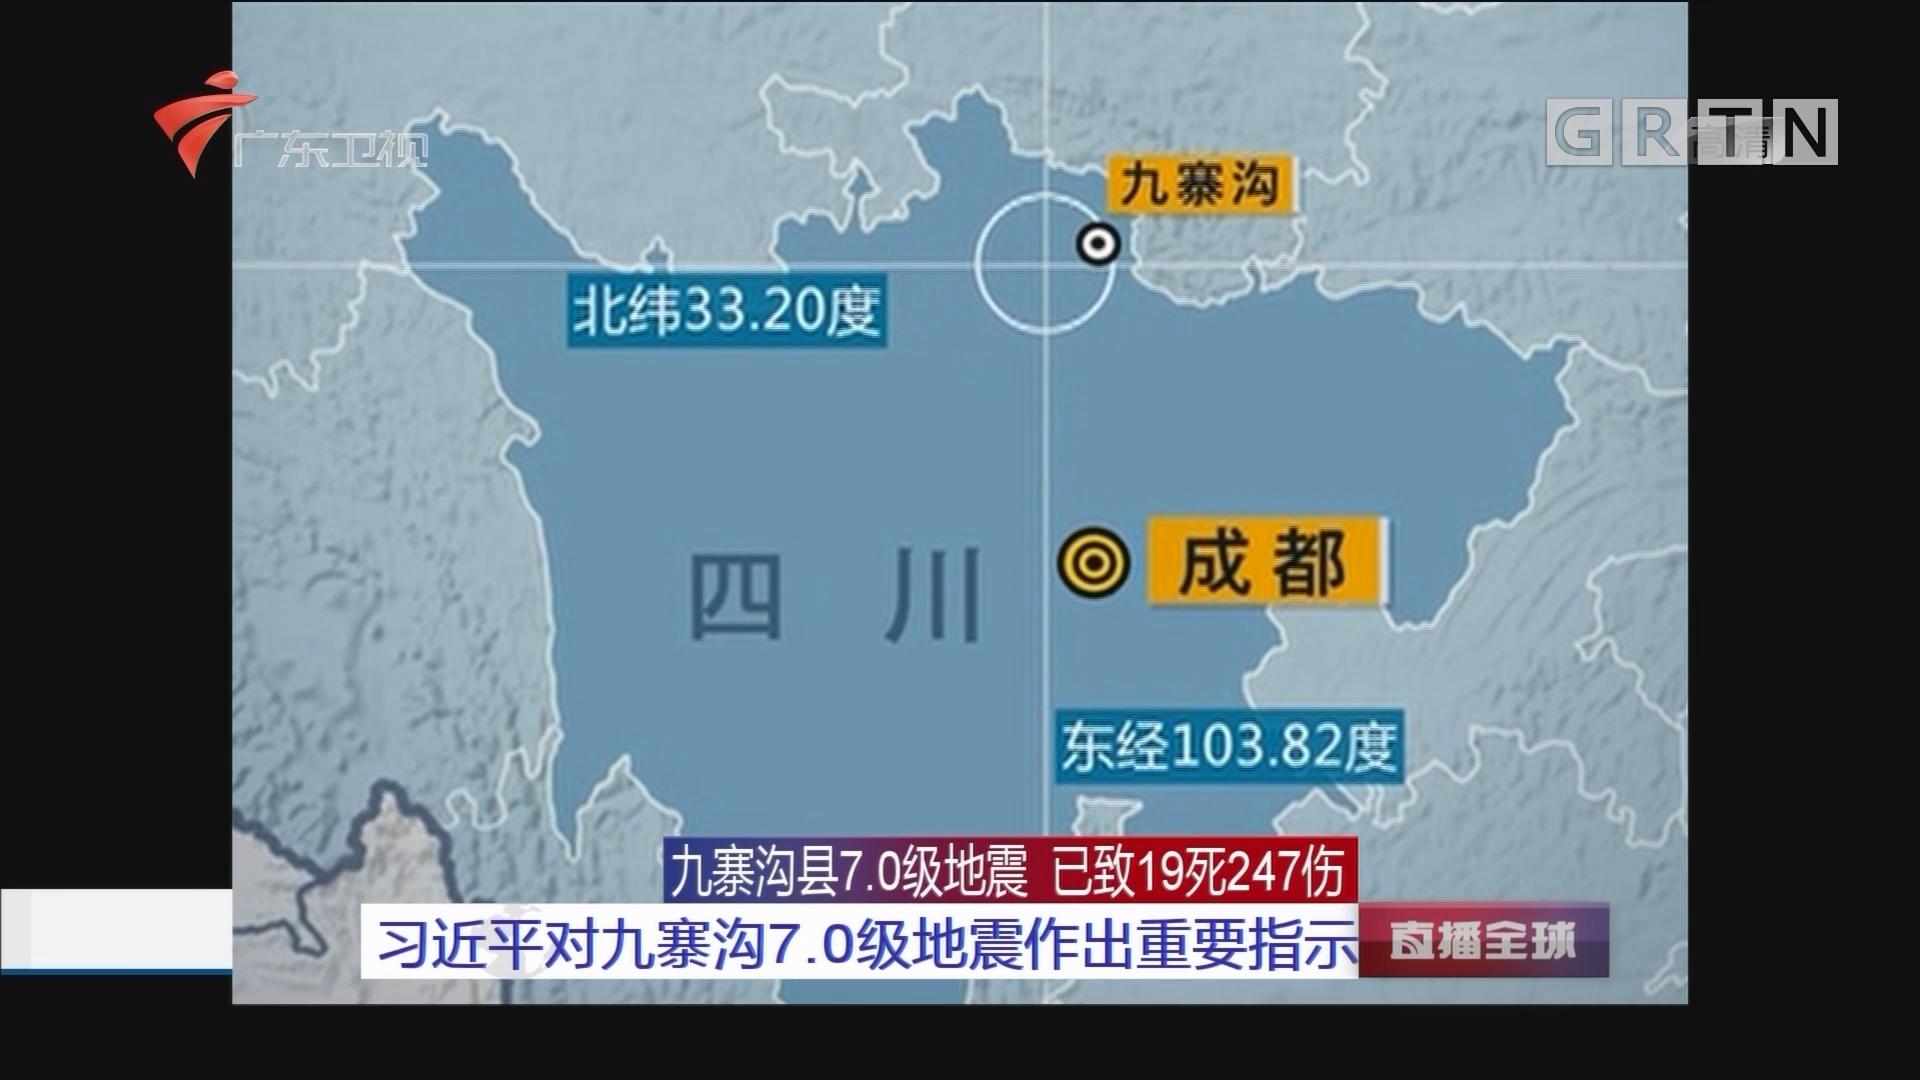 九寨沟县7.0级地震 已致19死247伤 习近平对九寨沟7.0级地震作出重要指示